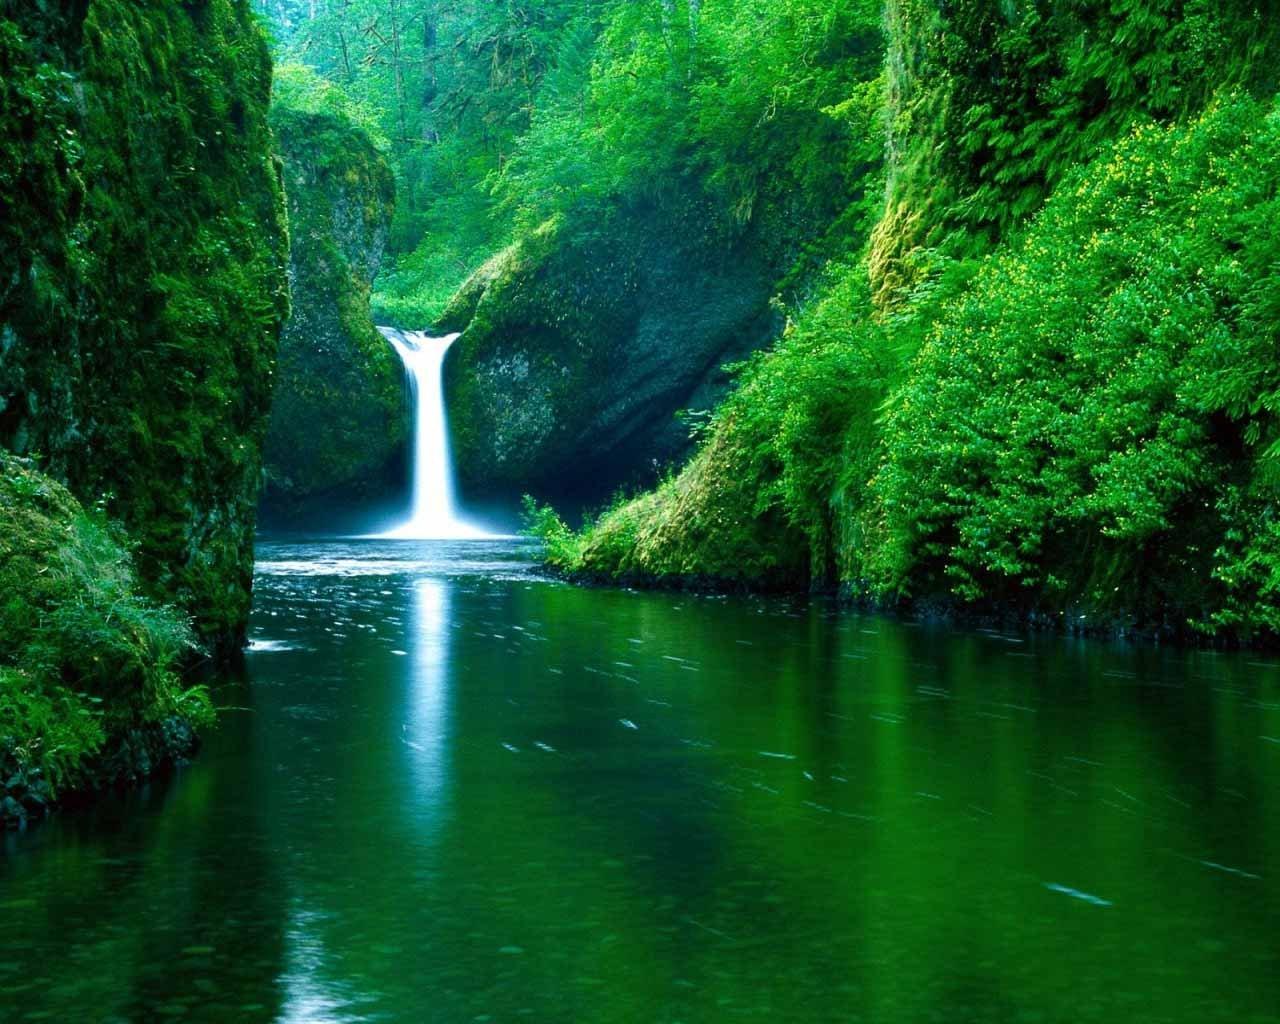 Fotos De Paisajes Lindos - Los paisajes de agua más espectaculares del planeta Hola